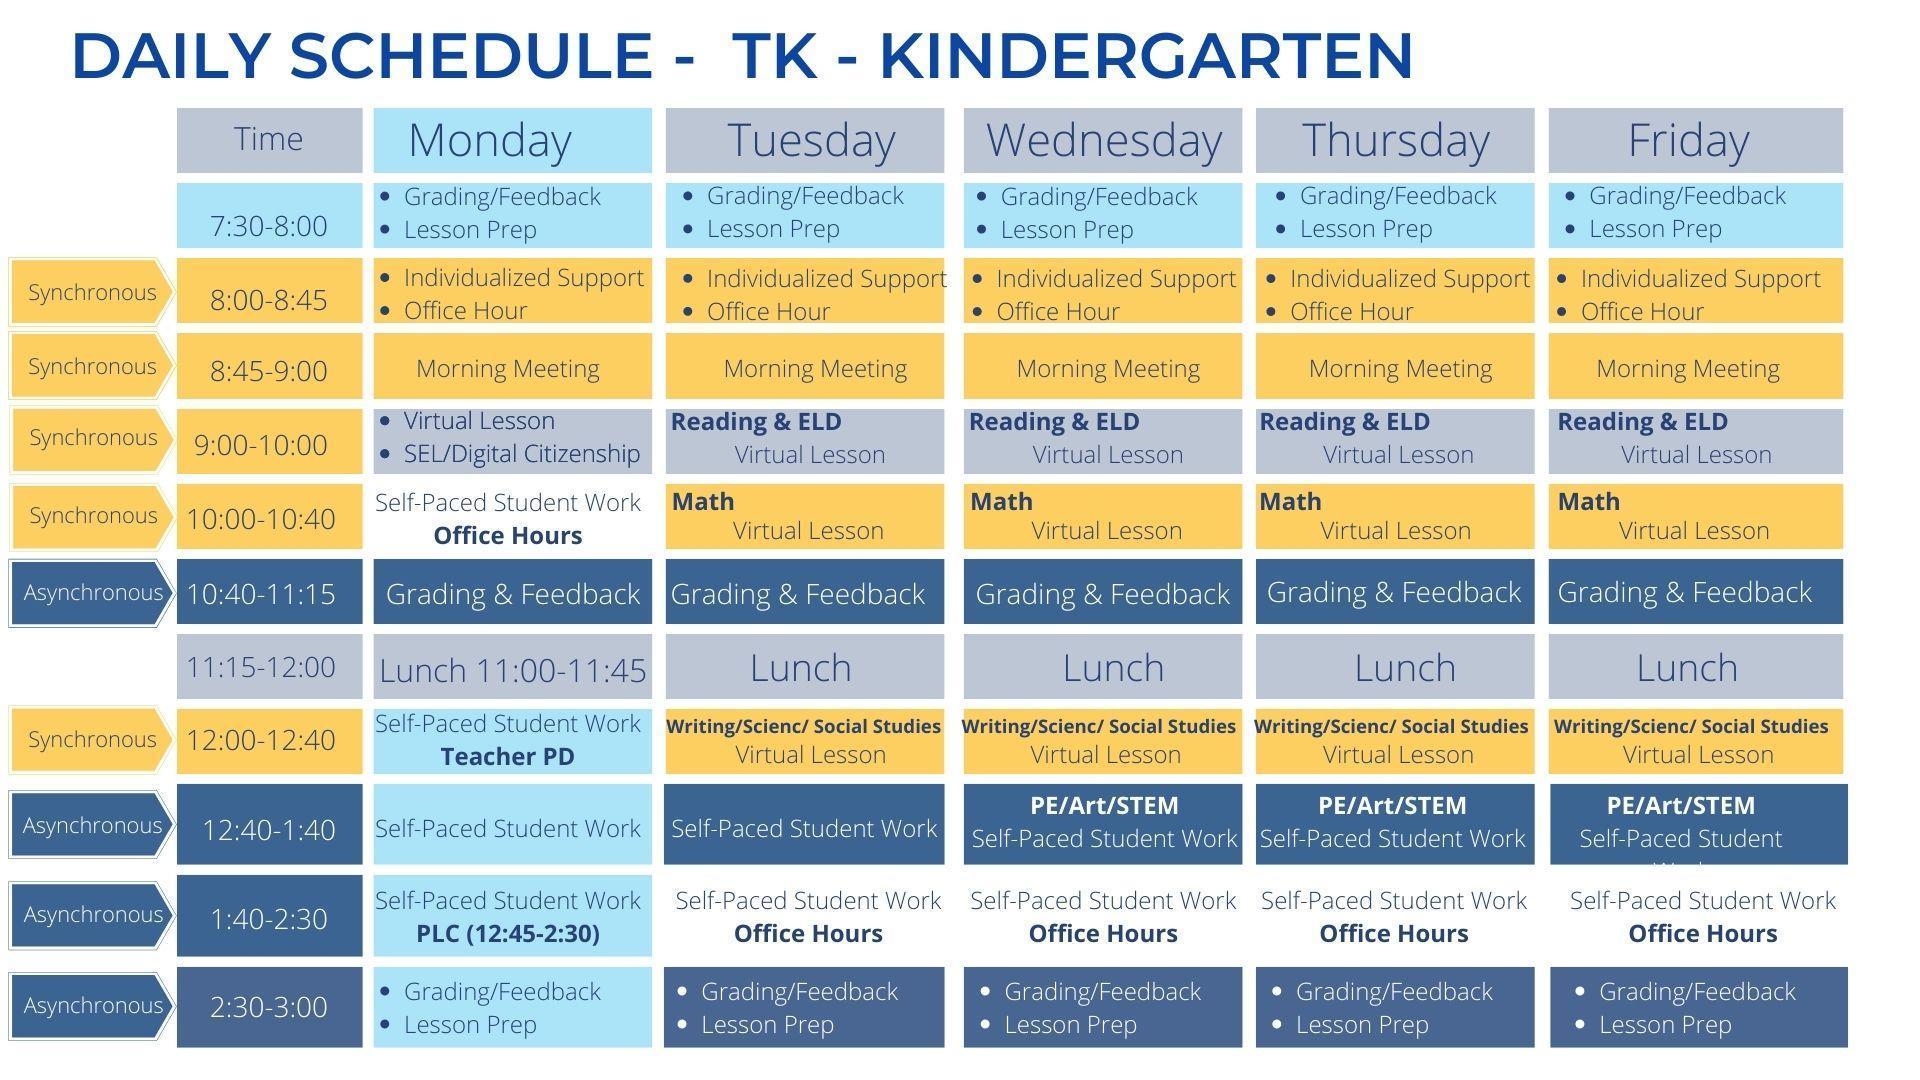 TK-Kindergarten